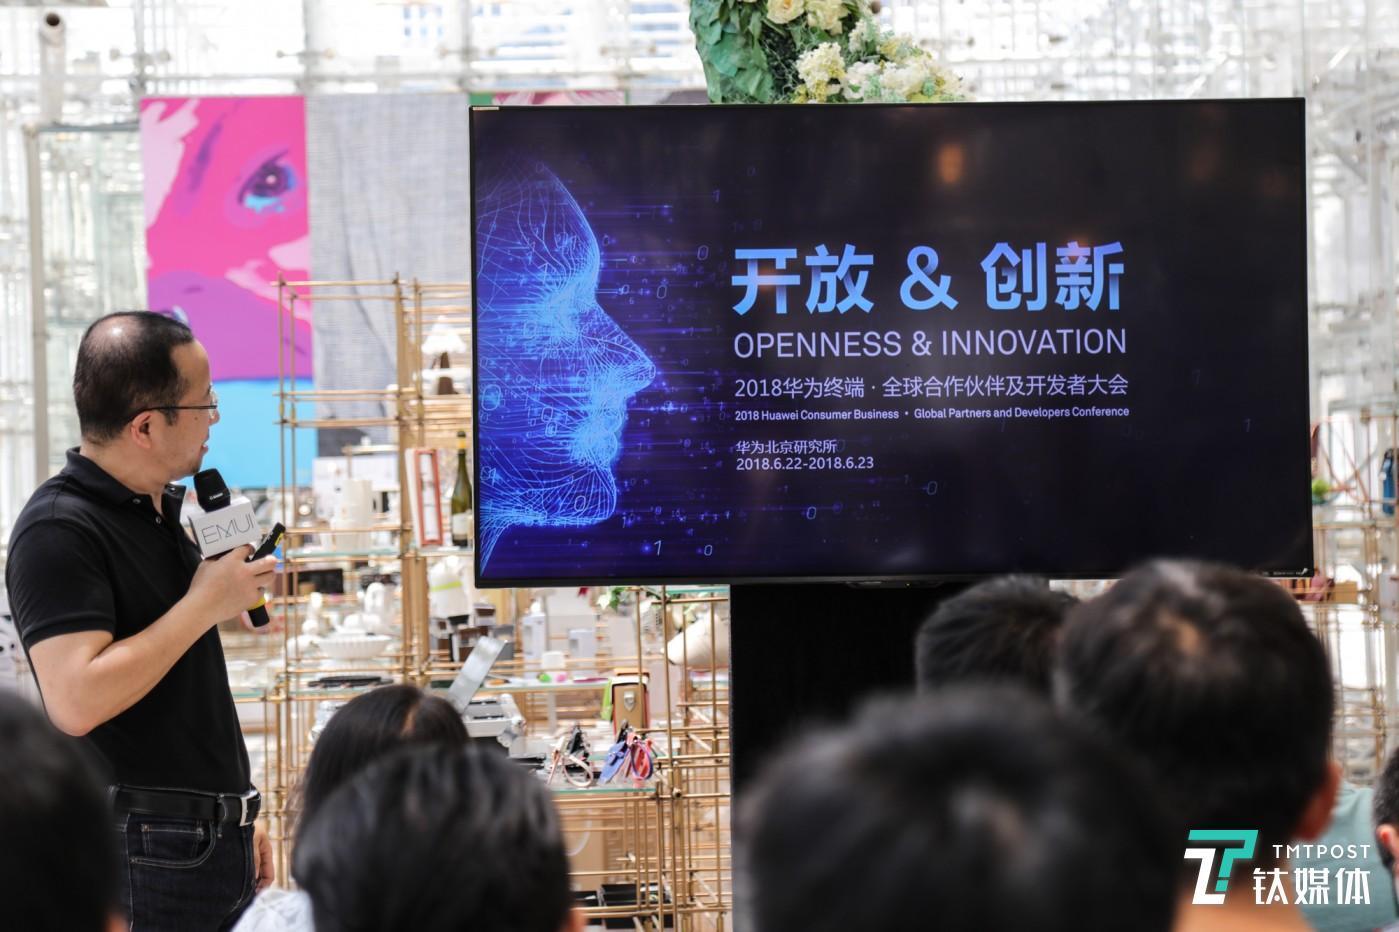 6月22-23日,华为将在北京研究所召开开发者大会